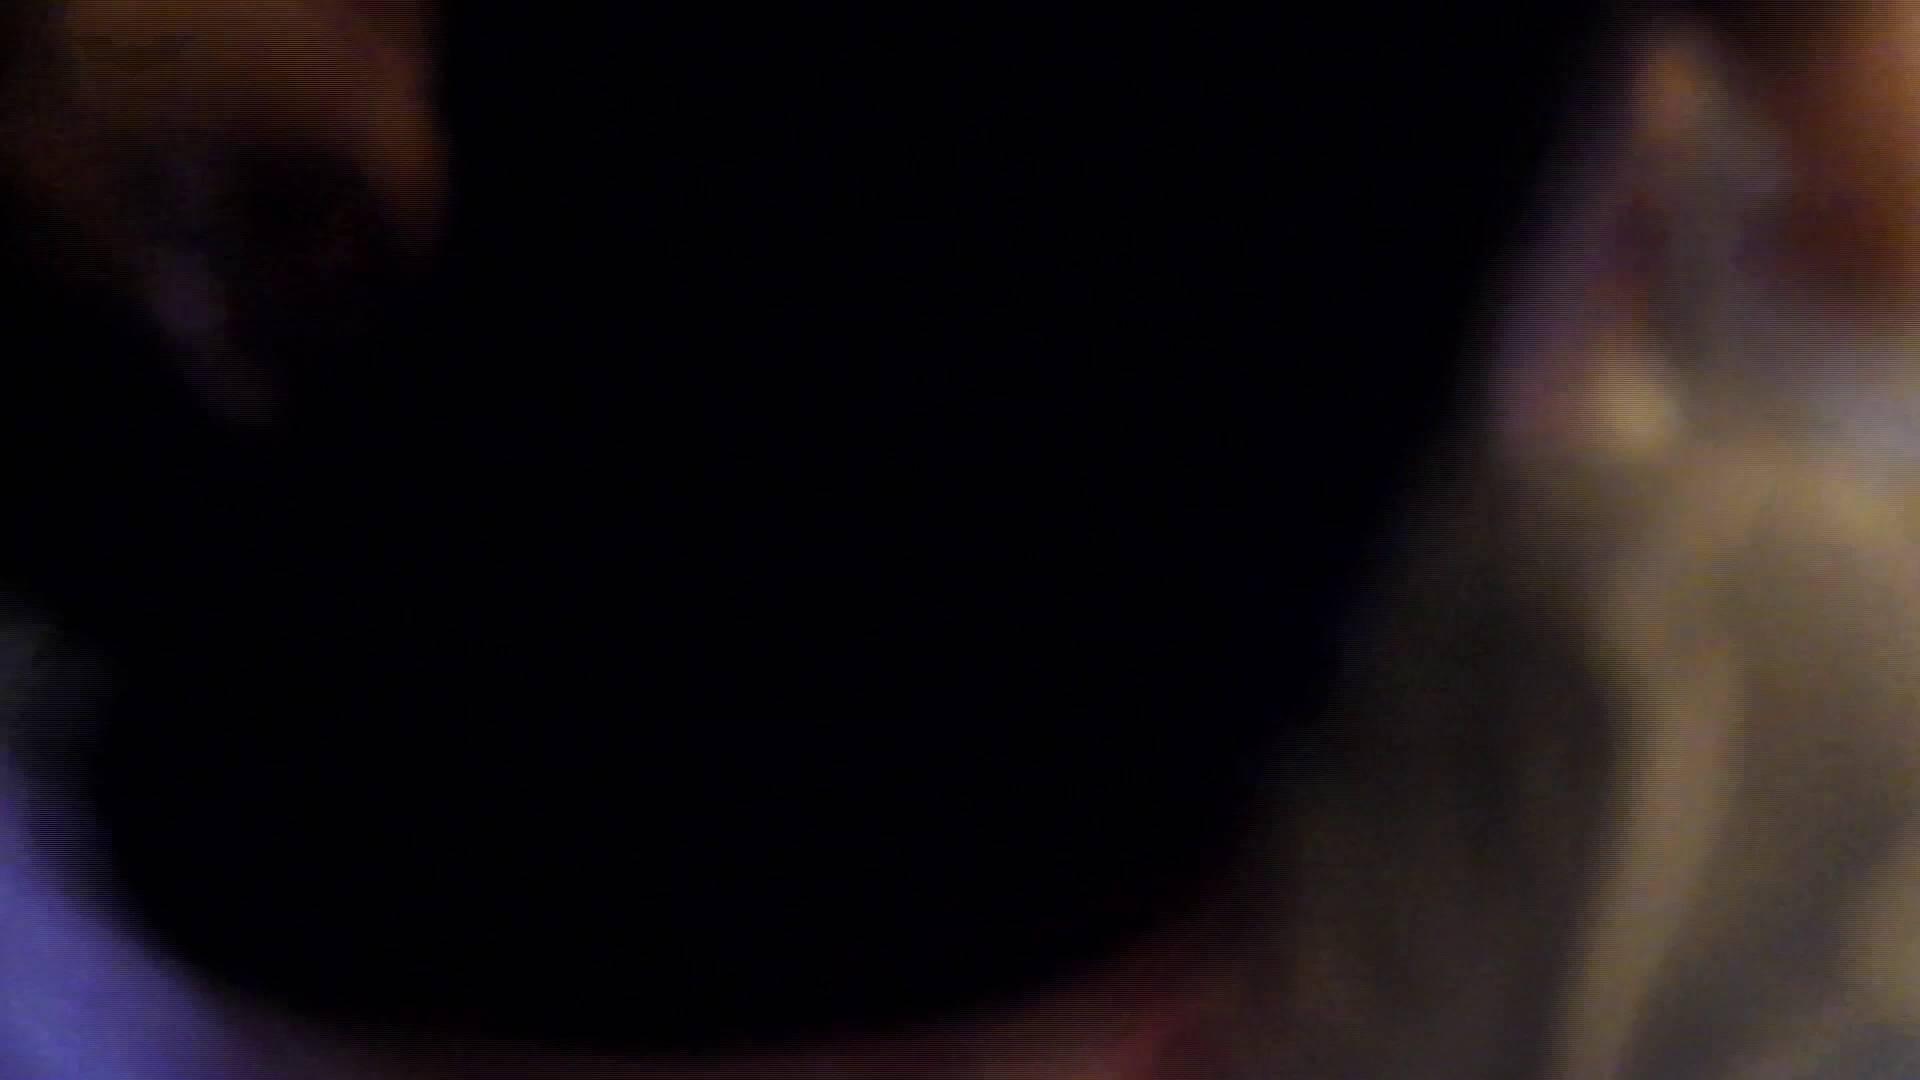 ヒトニアラヅNo.01 侵入 細身女性 | 美乳  68画像 8